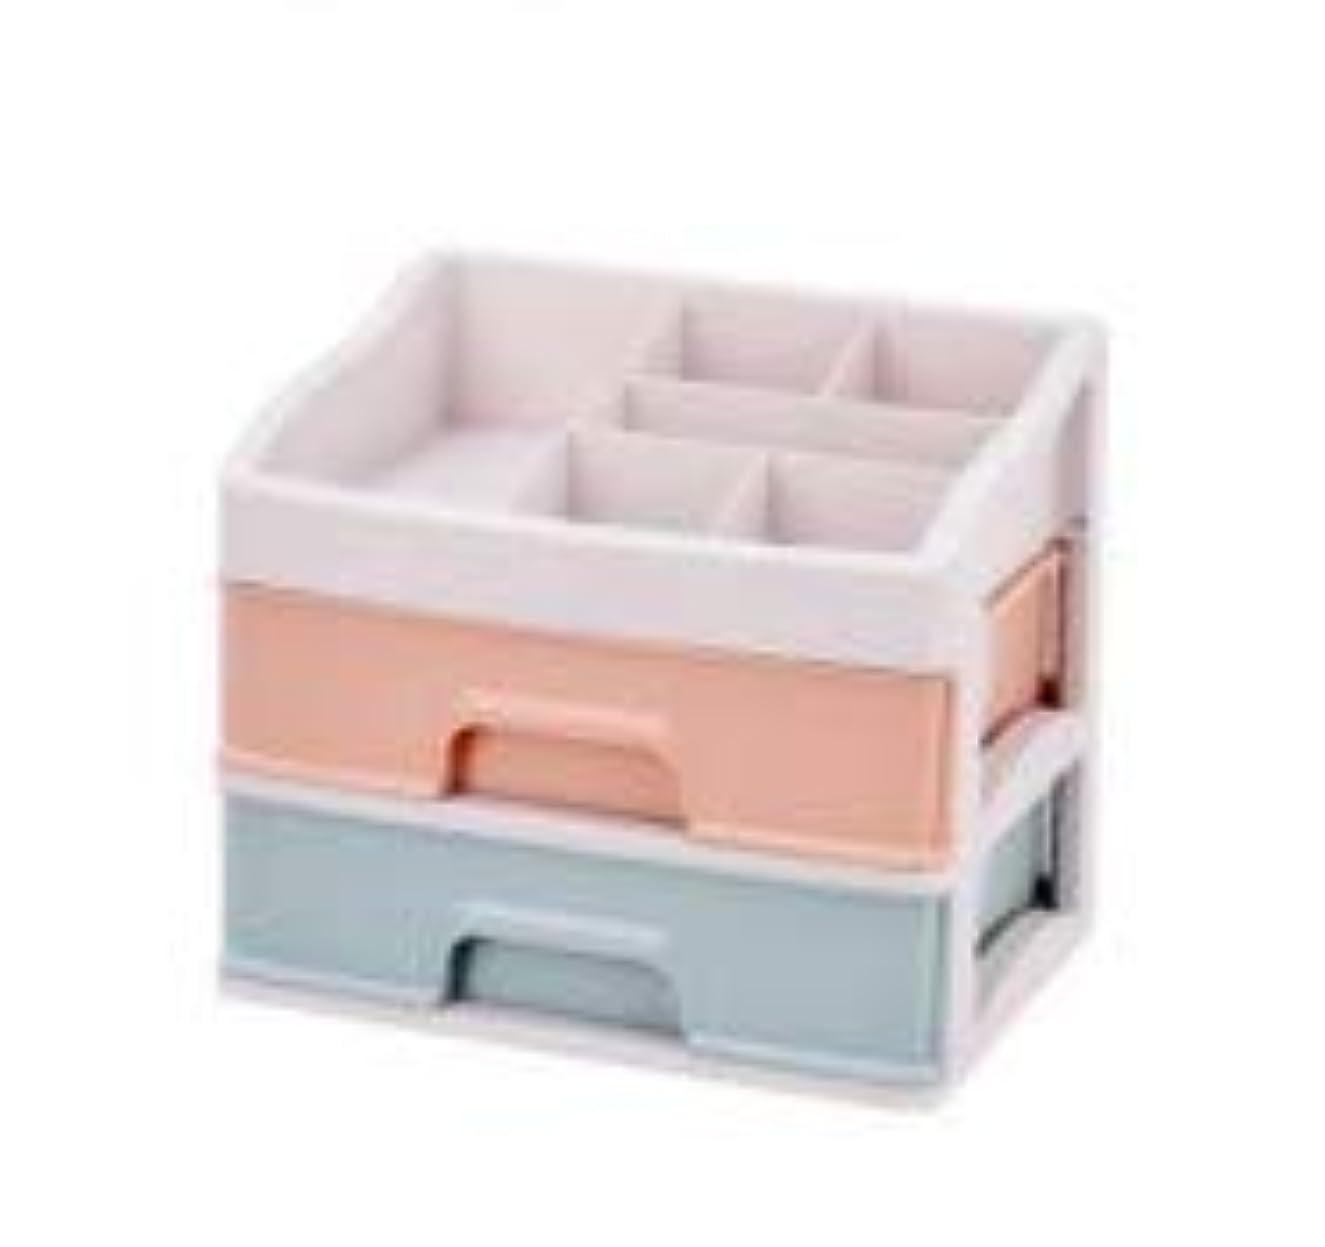 ひどい憧れ蓮化粧品収納ボックス引き出しデスクトップ収納ラック化粧台化粧品ケーススキンケア製品 (Size : M)